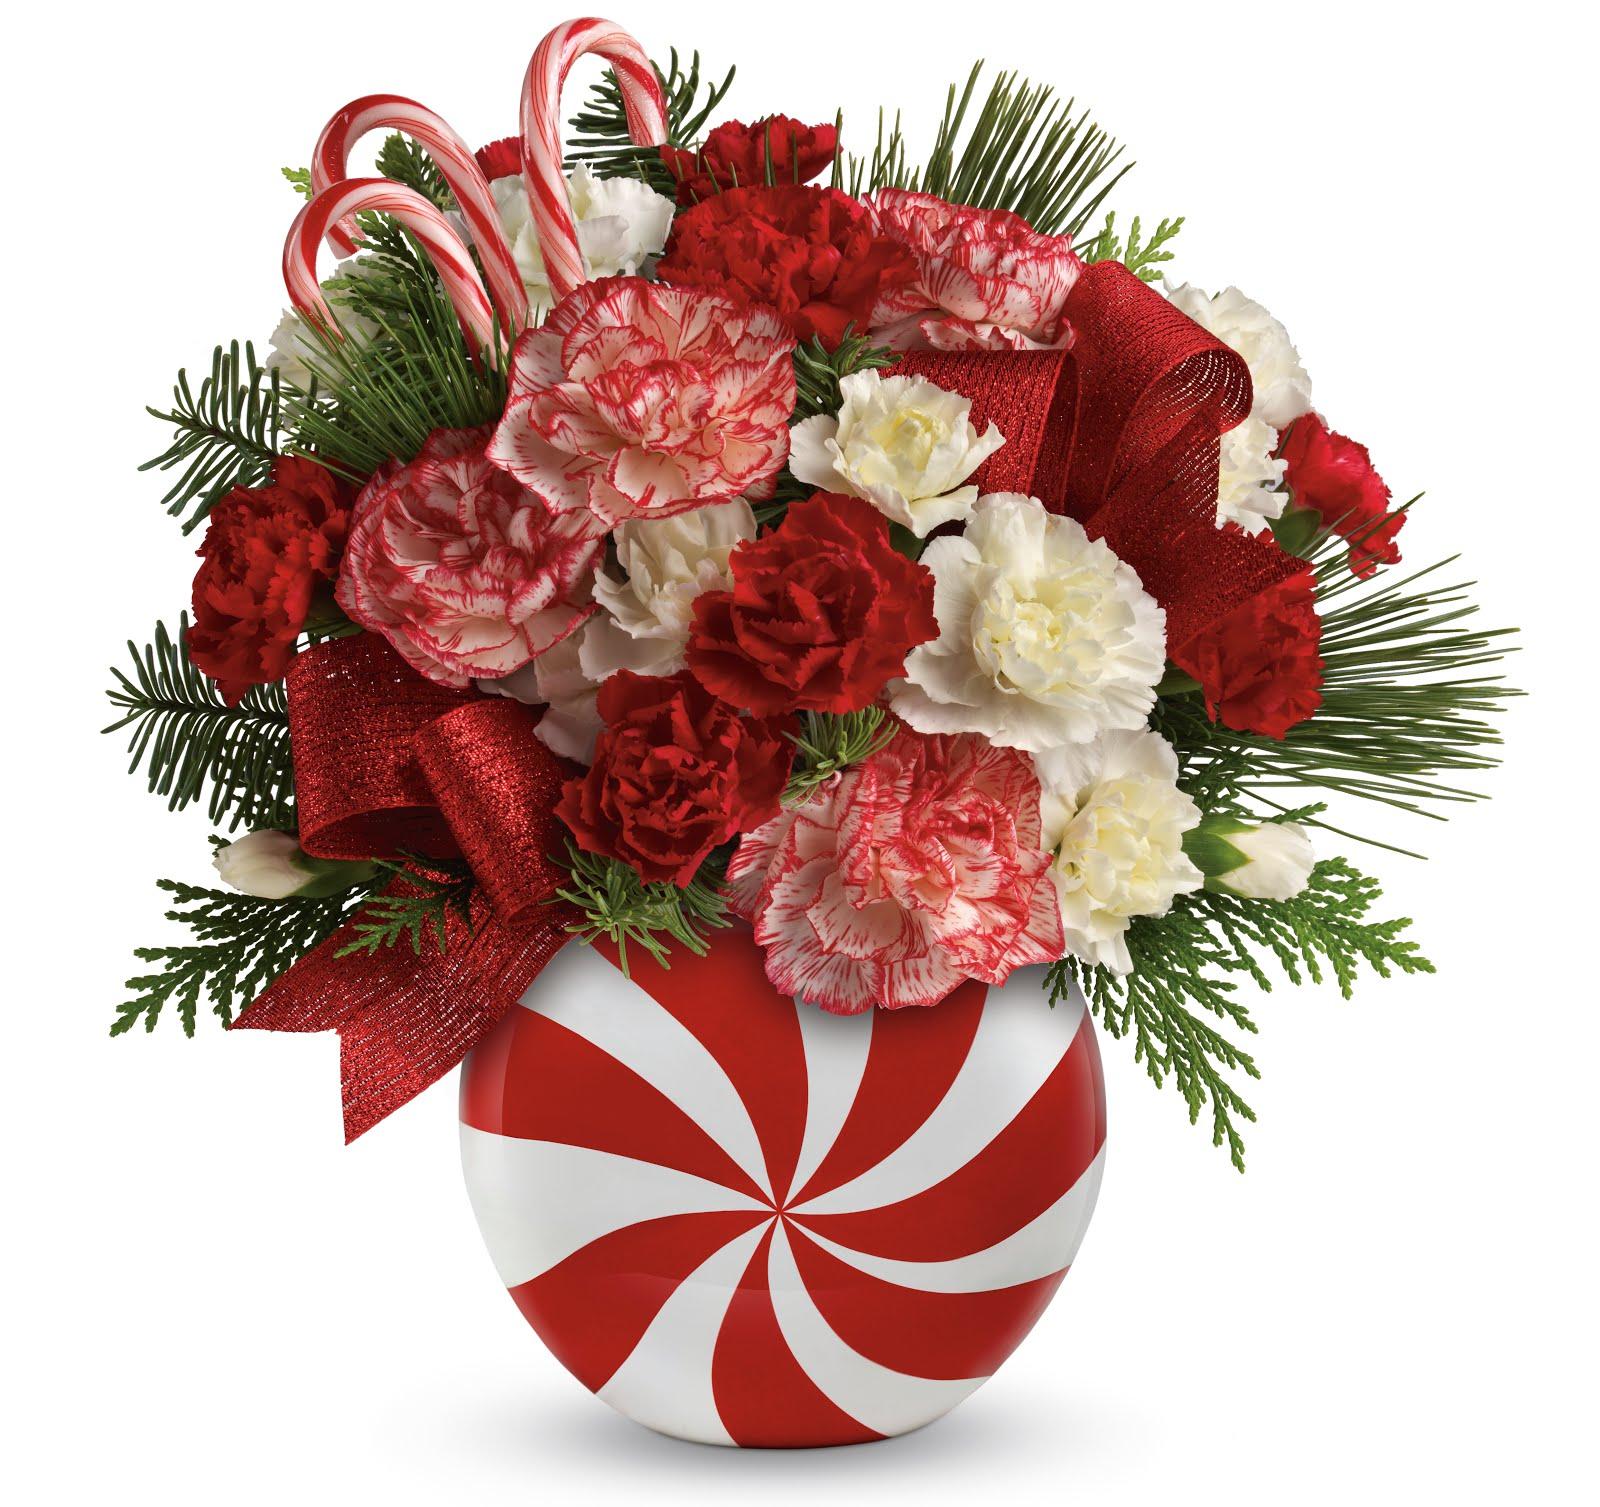 http://3.bp.blogspot.com/-aRkjGxYGF7w/UM0nvqDpq0I/AAAAAAAAfeI/wlqGMyT3fm8/s1600/Peppermint%20Christmas%20Bouquet.jpg